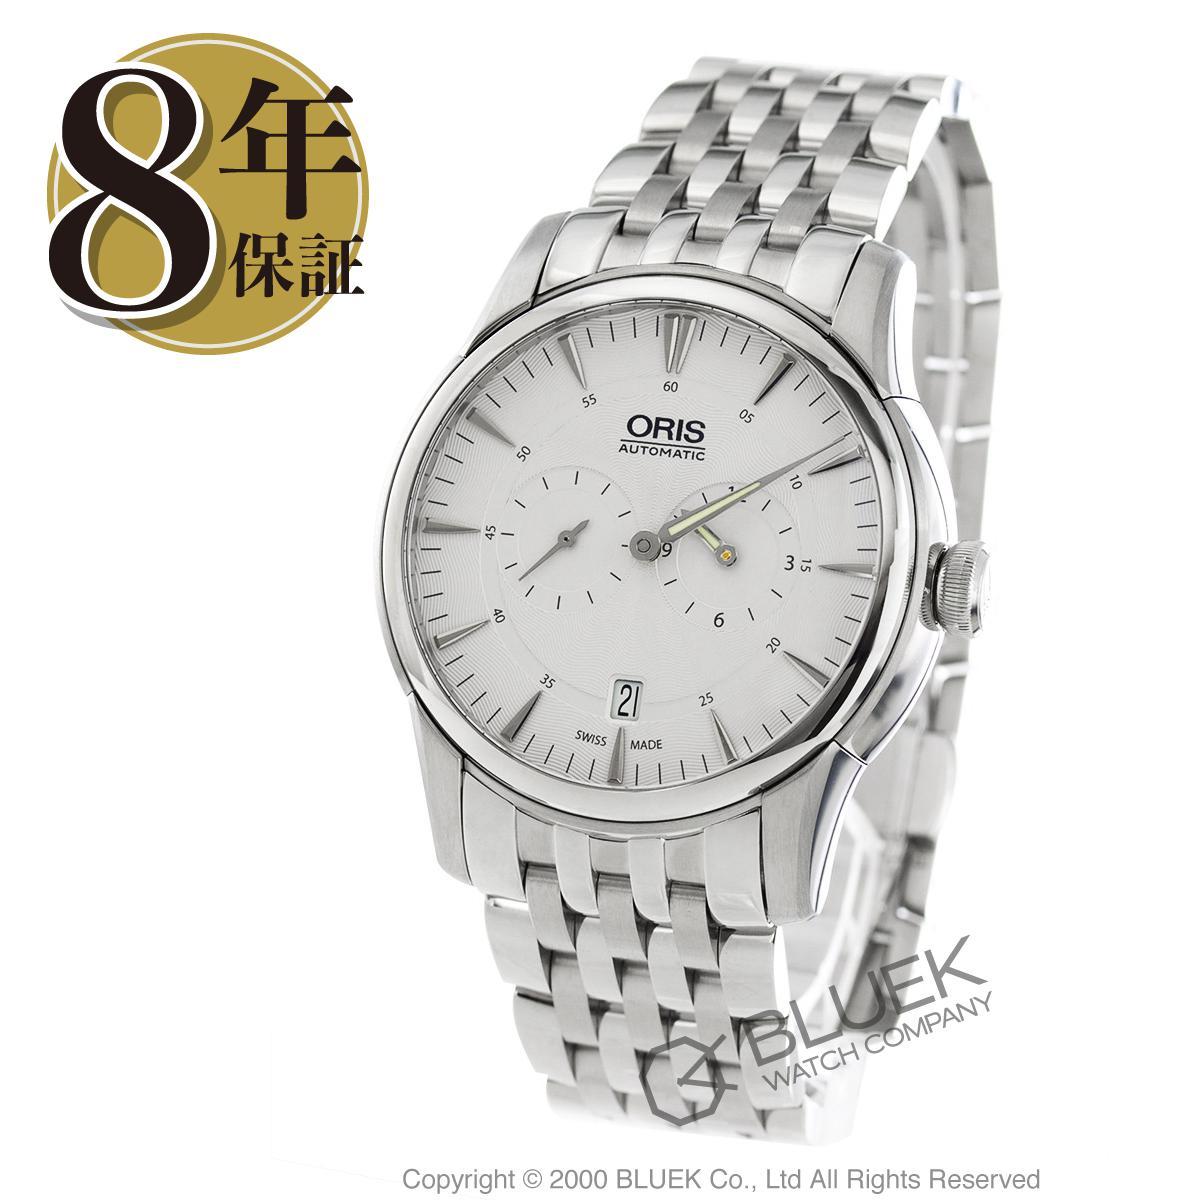 オリス アートリエ レギュレーター 腕時計 メンズ ORIS 749 7667 4051M_8